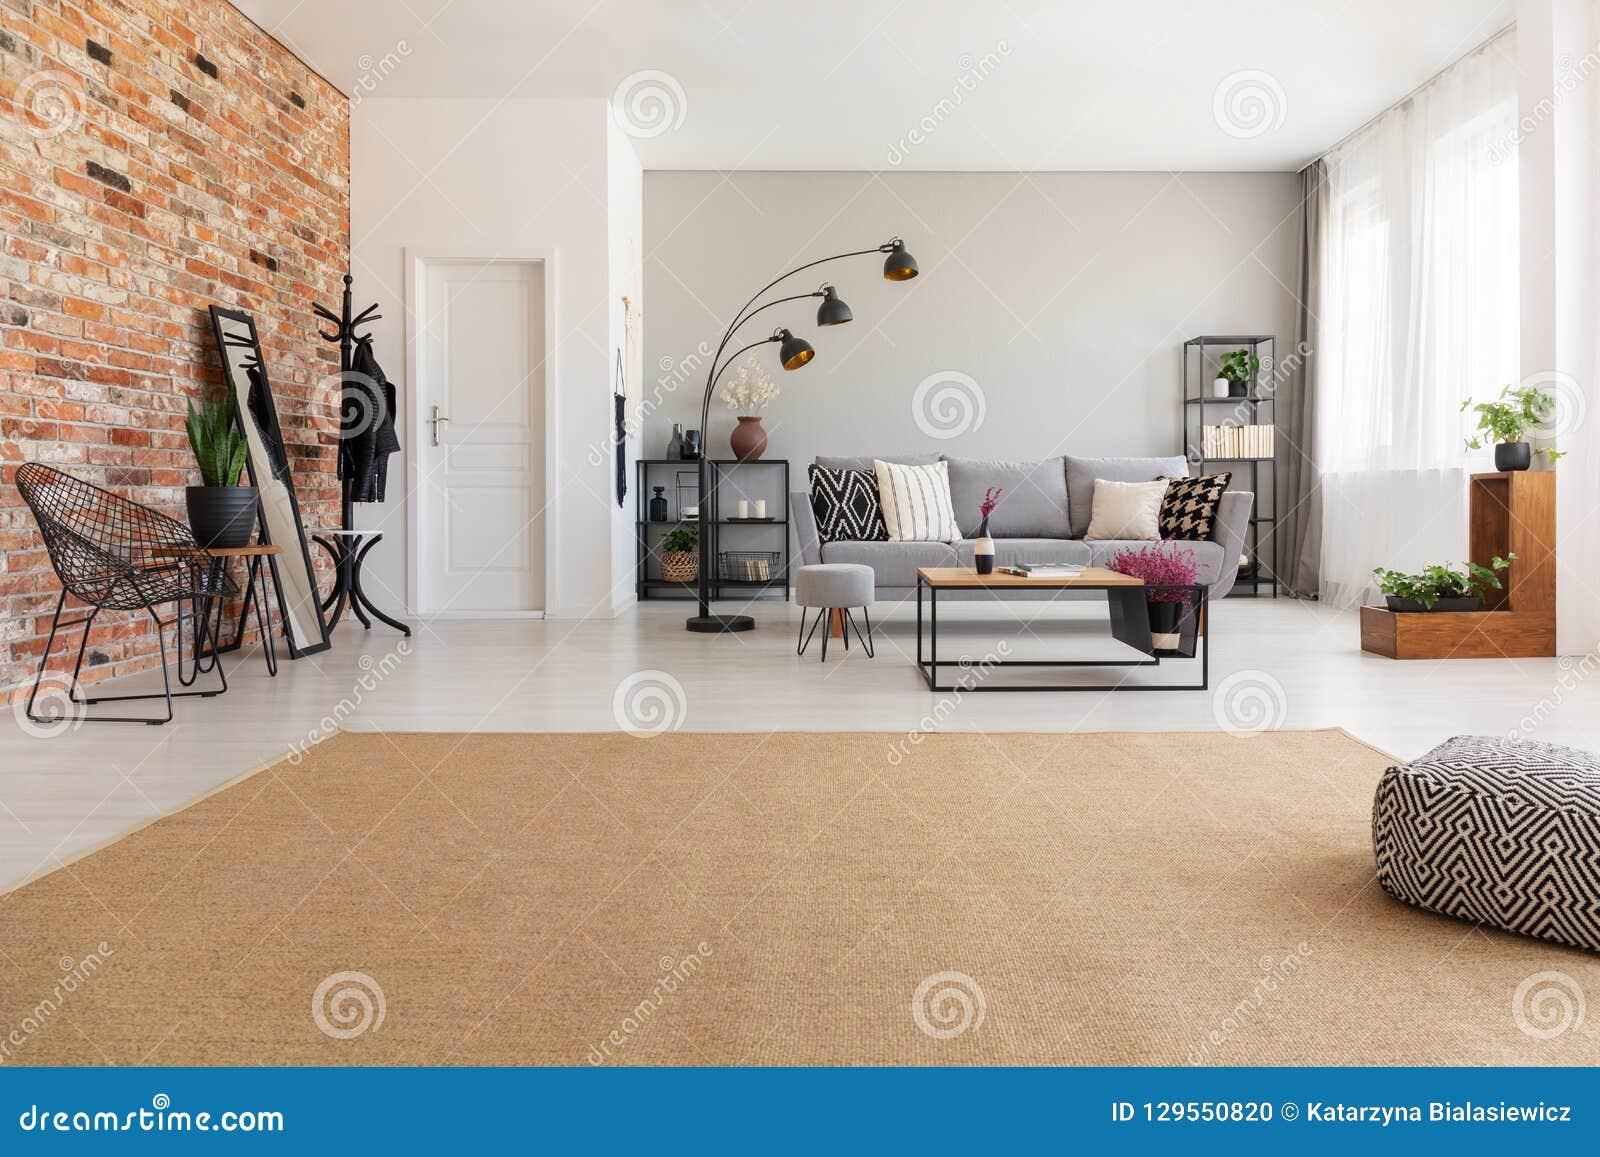 Tappeto beige in salone moderno interno con lo strato grigio, lampada nera industriale del metallo, tavolino da salotto di legno